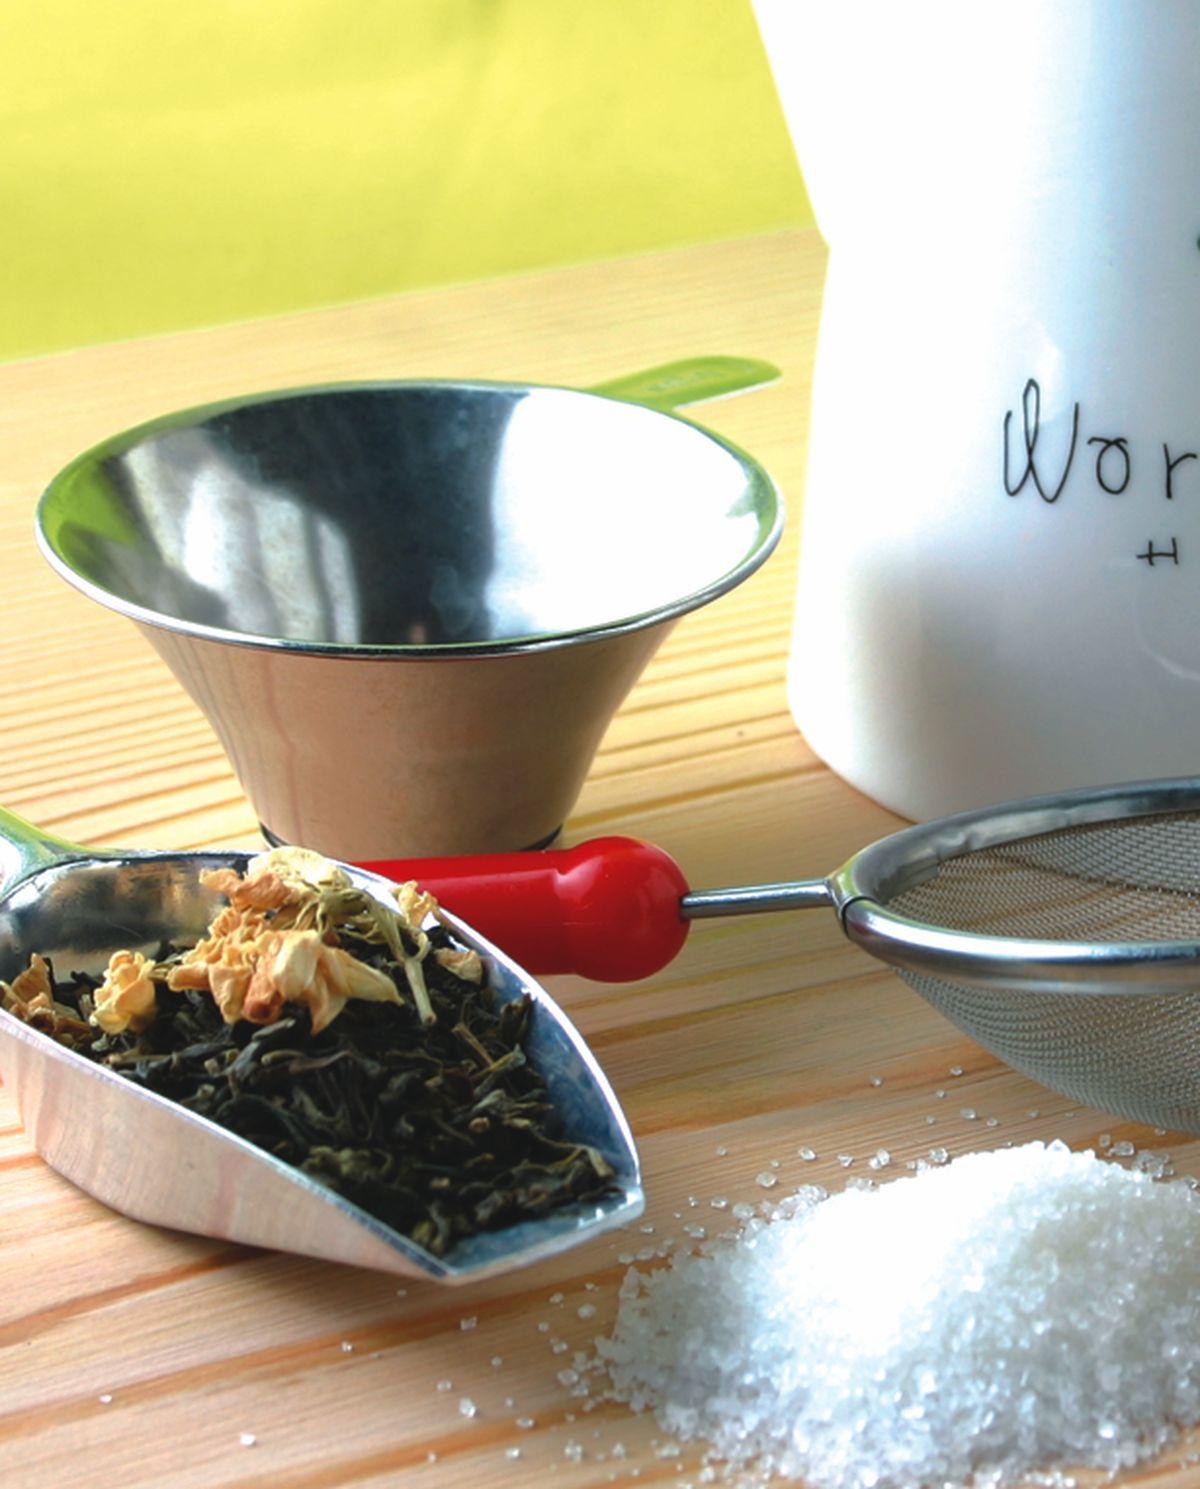 食譜:熱奶茶-茶葉泡法